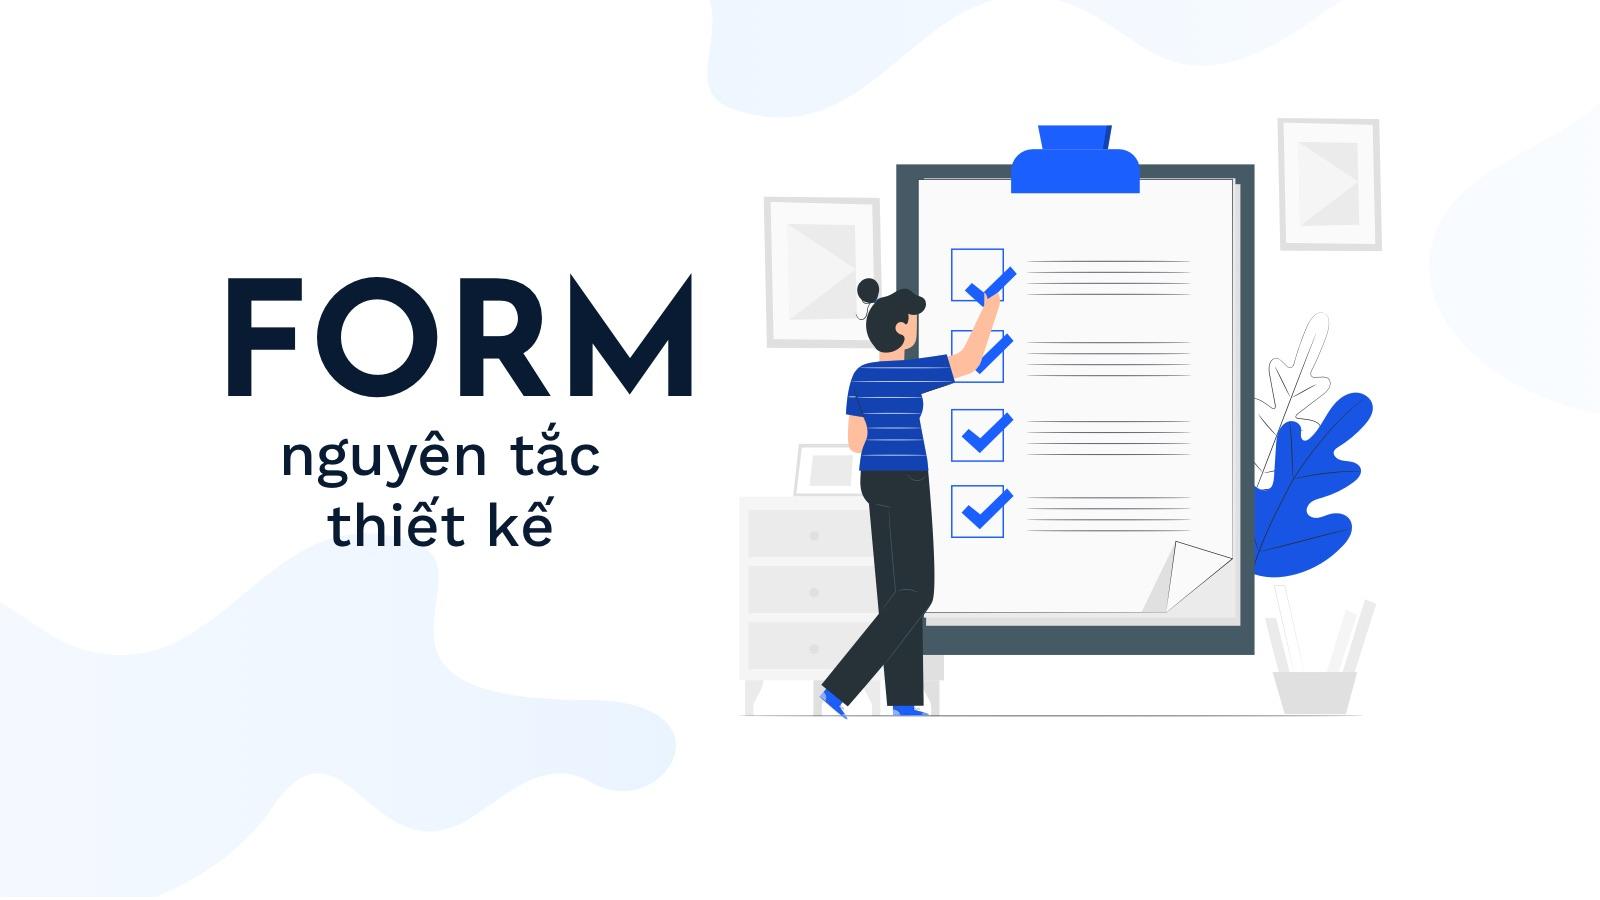 Form - Nguyên tắc thiết kế hướng người dùng